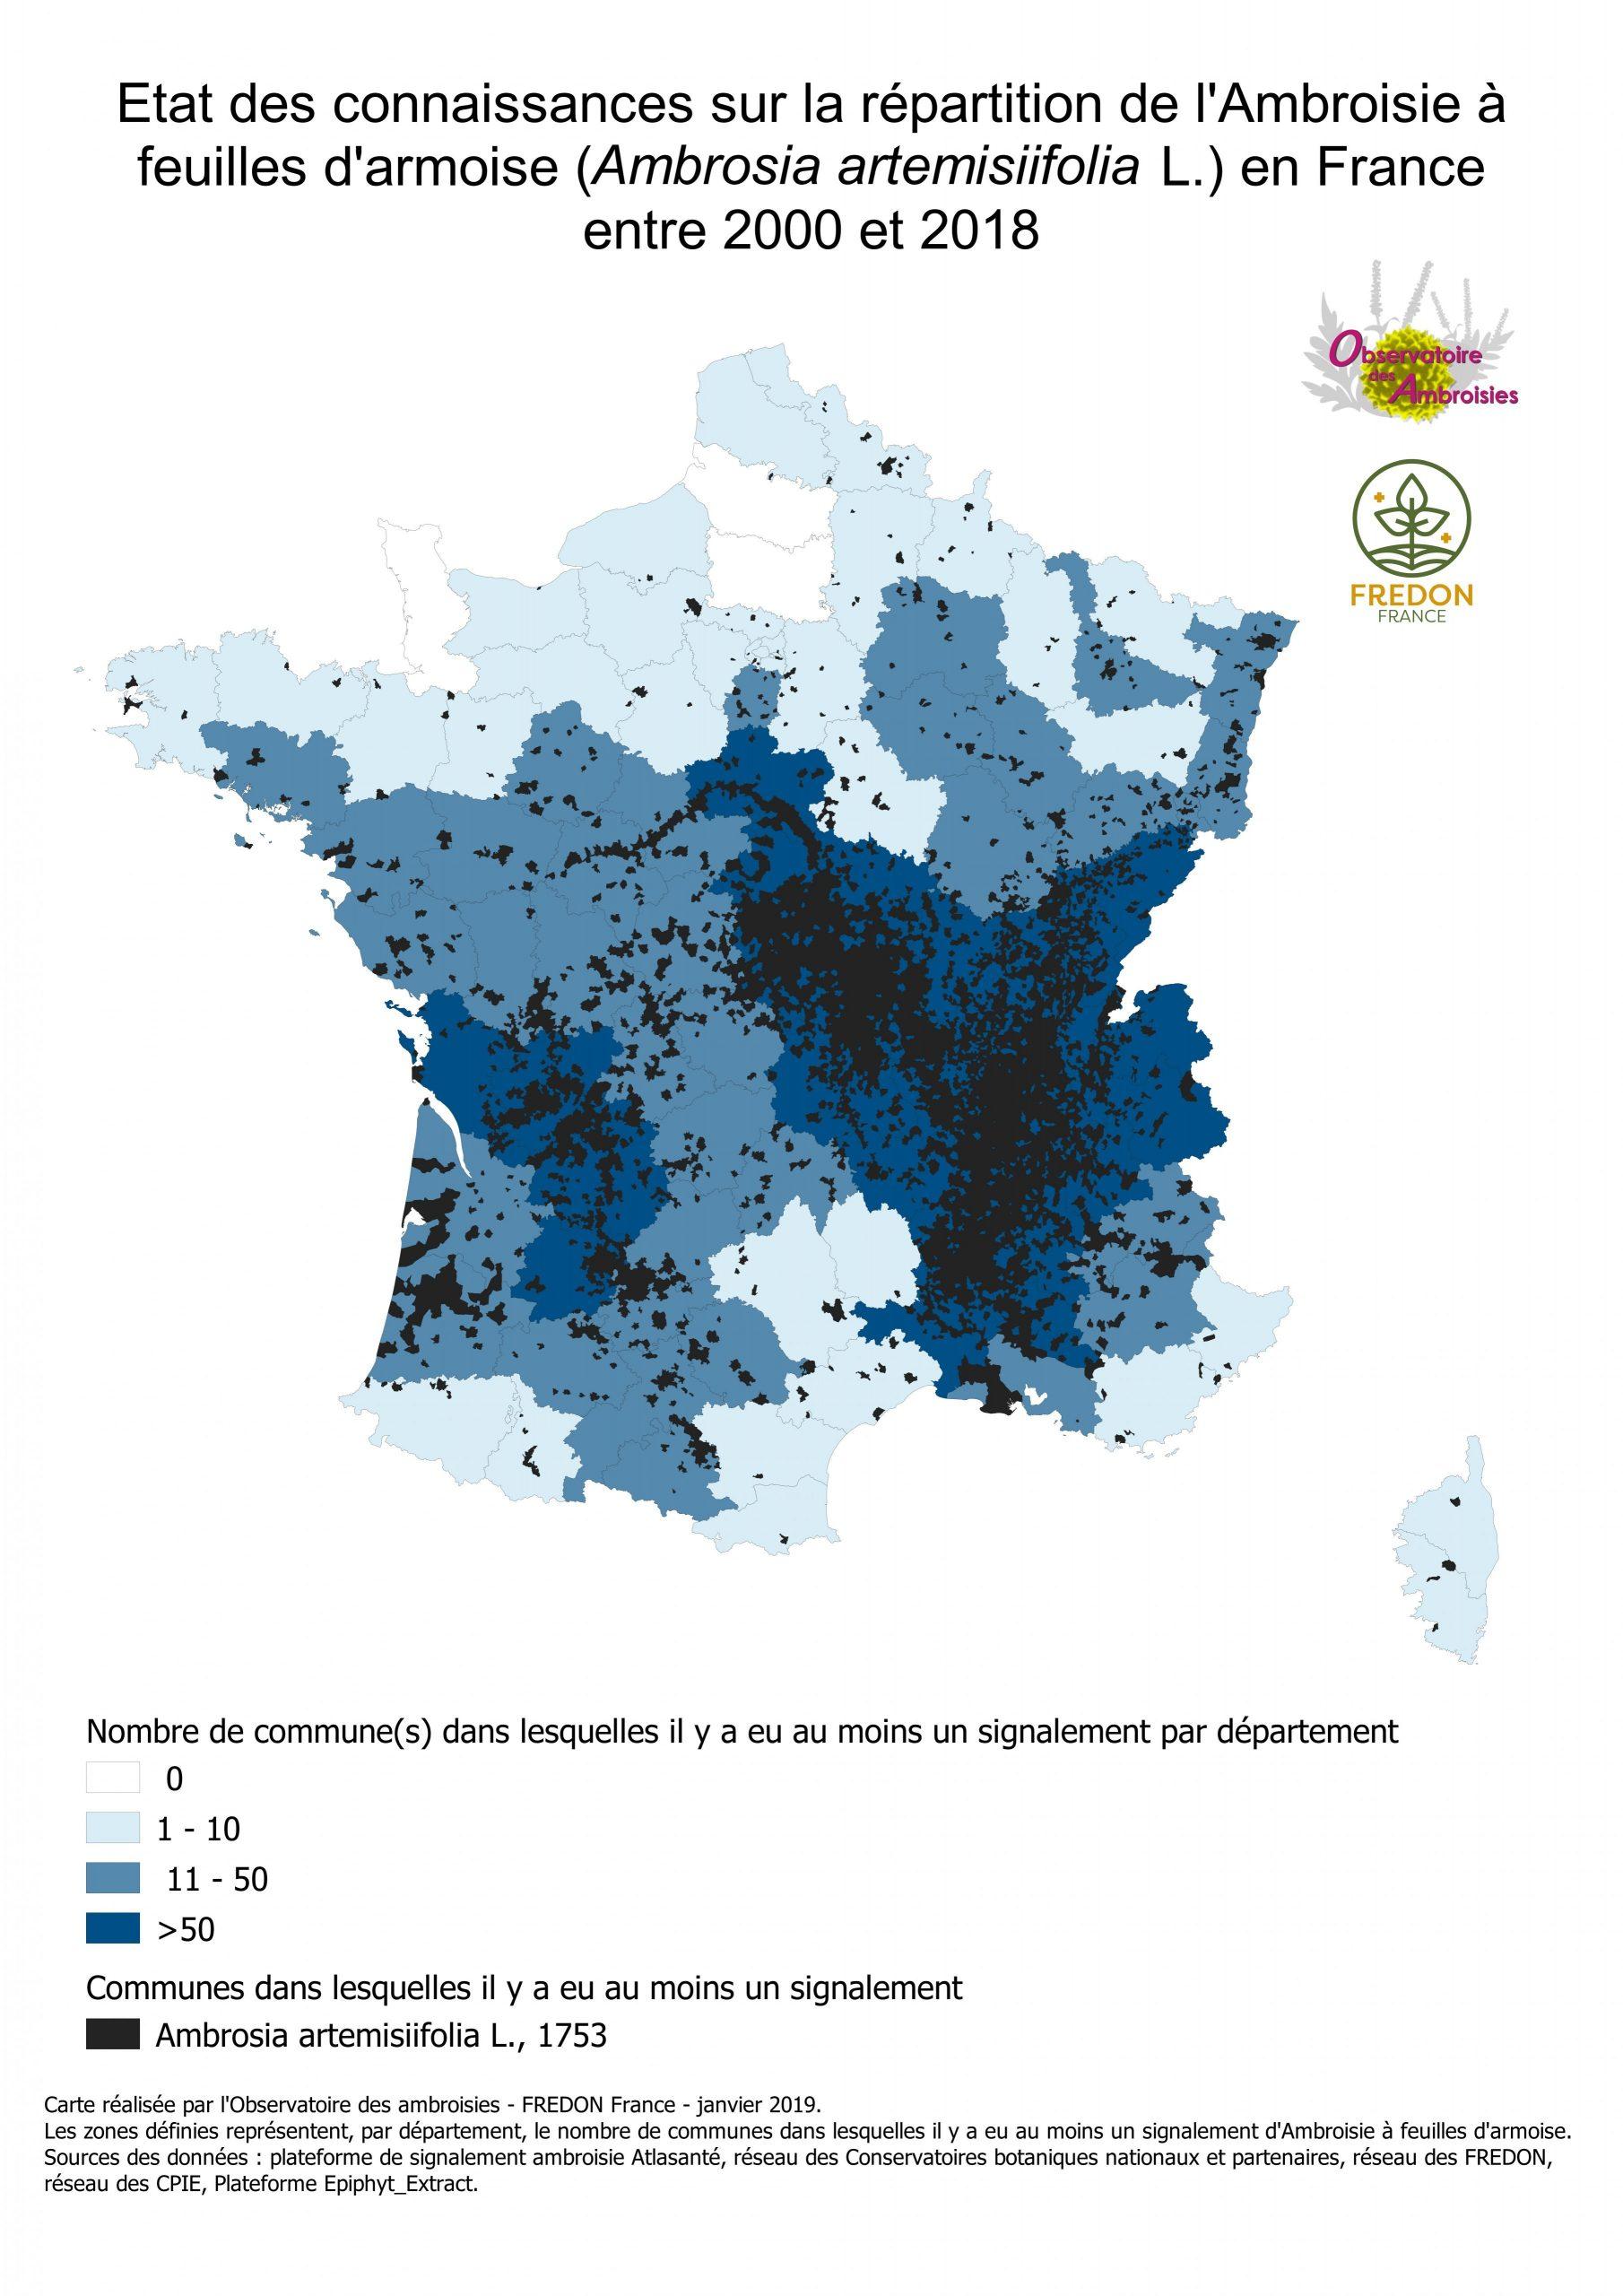 Cartographies De Présence De L'ambroisie En France concernant Nombre De Régions En France 2017